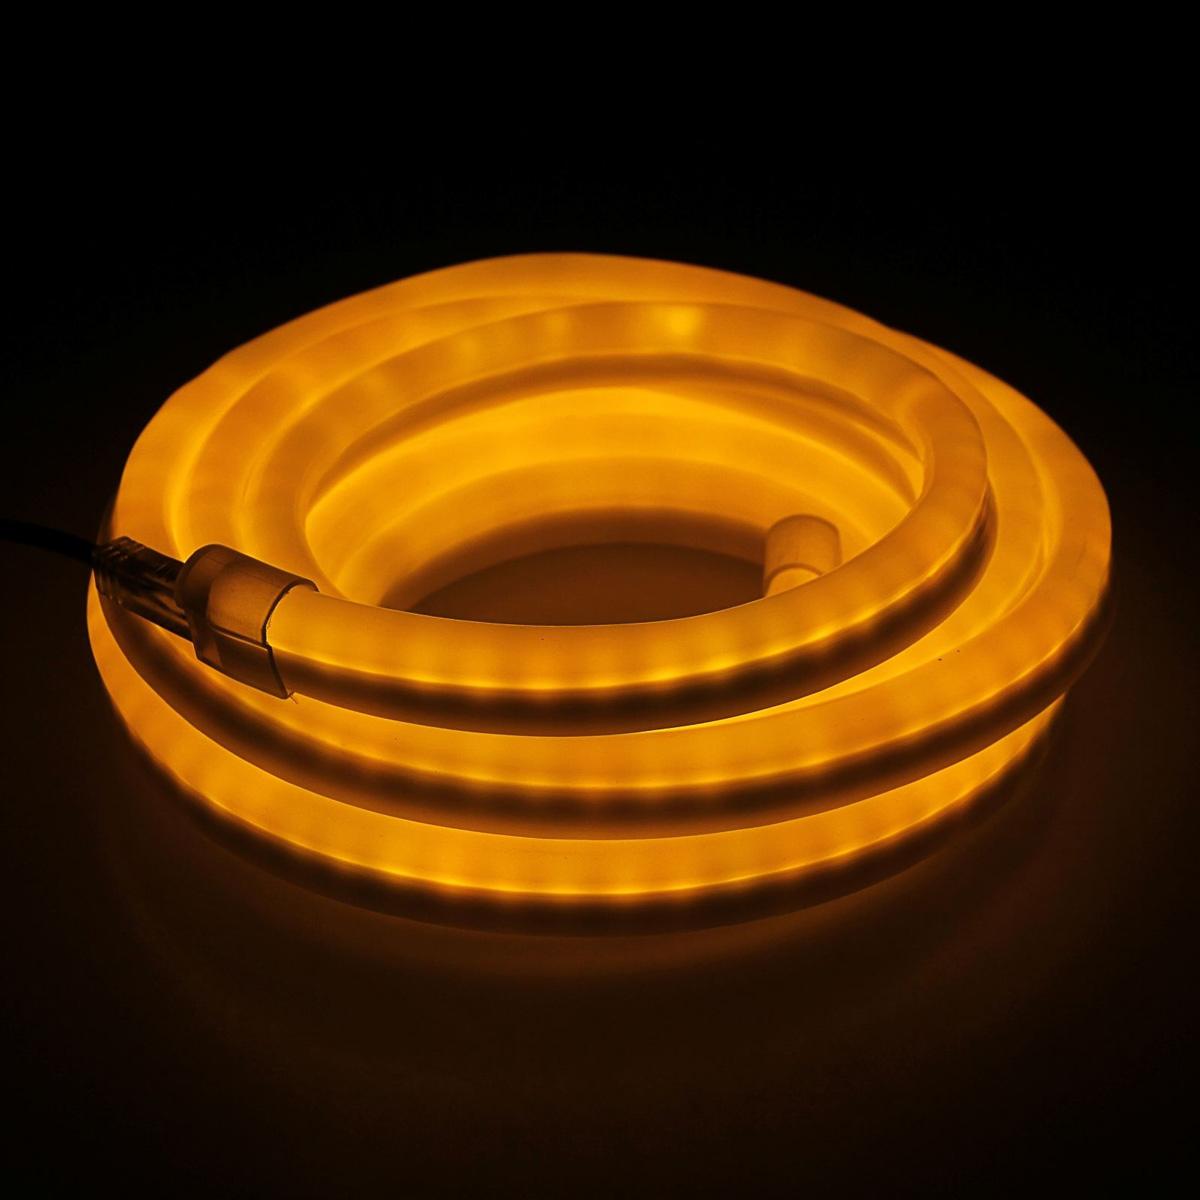 Гирлянда светодиодная Sima-land, 80 ламп, 220 V, цвет: желтый, 1,2 см х 2,4 см х 5 м. 678005678005Светодиодные гирлянды, ленты и т.д — это отличный вариант для новогоднего оформления интерьера или фасада. С их помощью помещение любого размера можно превратить в праздничный зал, а внешние элементы зданий, украшенные ими, мгновенно станут напоминать очертания сказочного дворца. Такие украшения создают ауру предвкушения чуда. Деревья, фасады, витрины, окна и арки будто специально созданы, чтобы вы украсили их светящимися нитями.